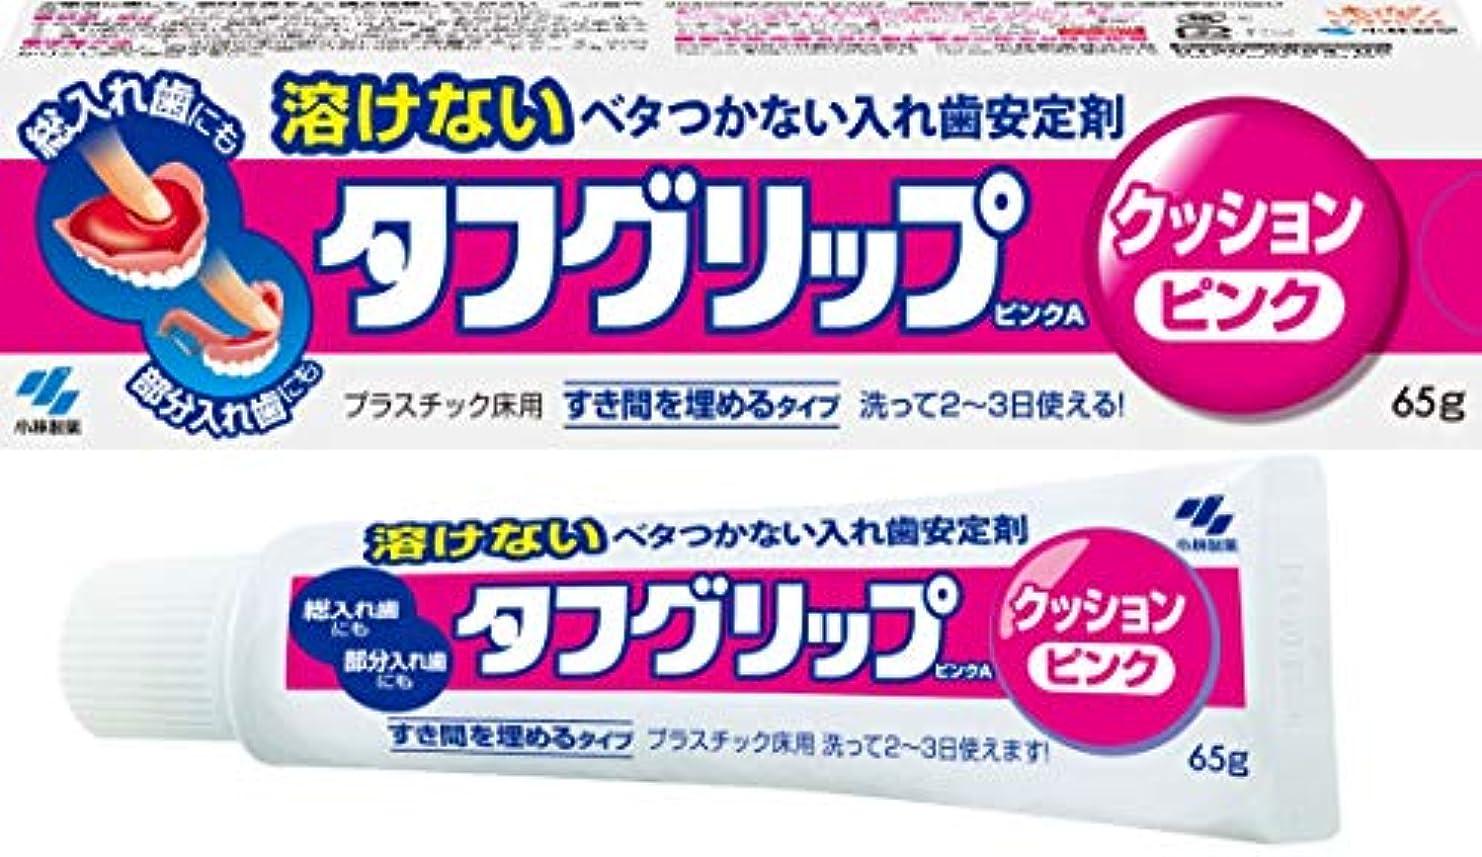 リスク踊り子翻訳するタフグリップクッション ピンク 入れ歯安定剤(総入れ歯?部分入れ歯) 65g